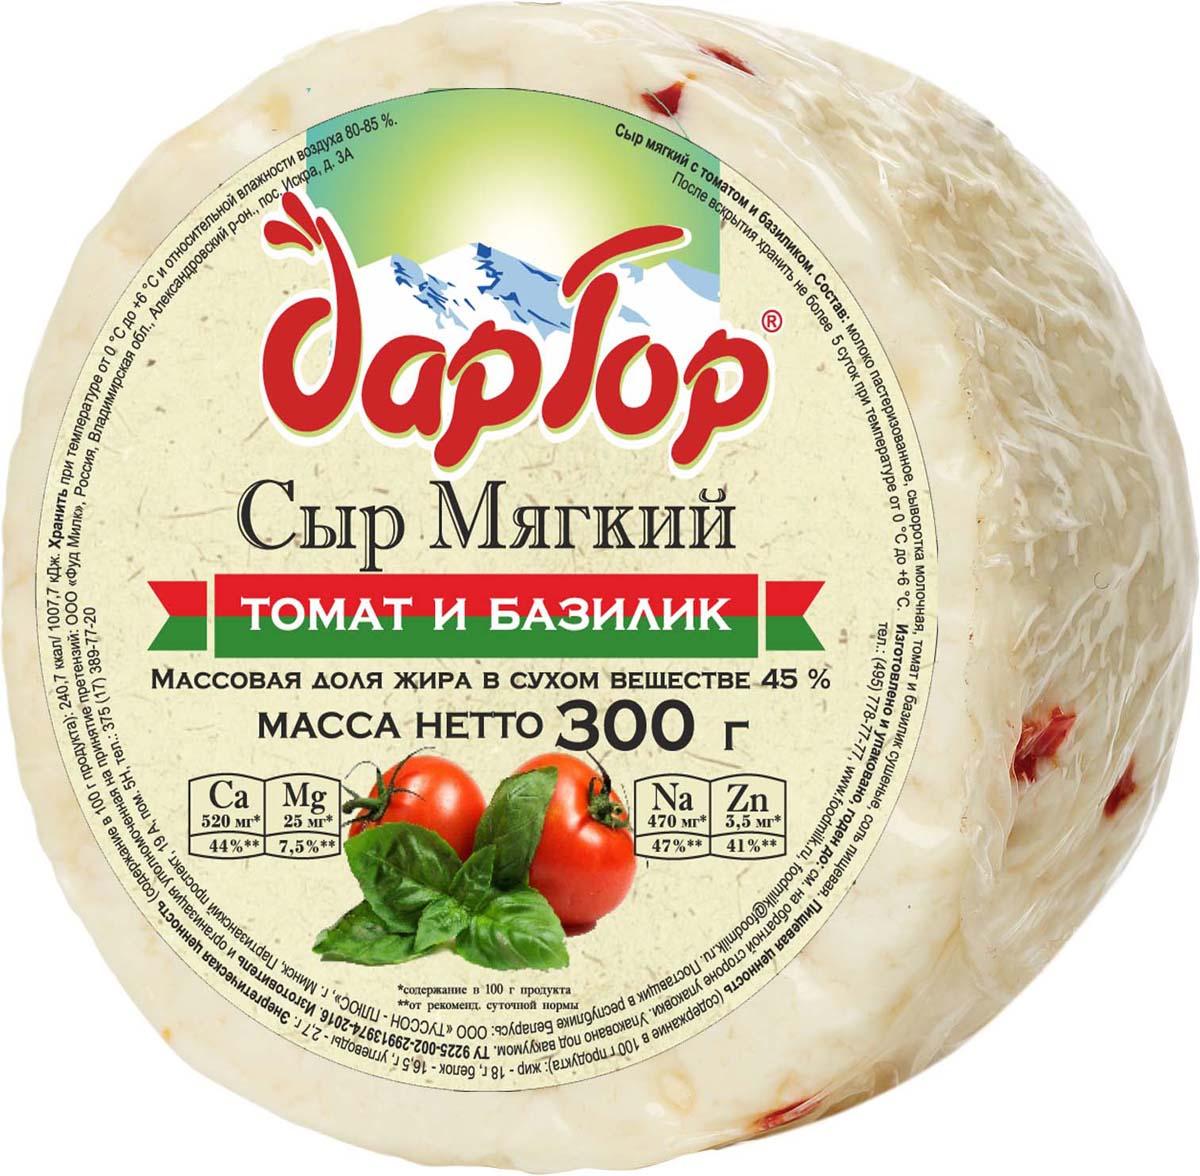 Дар Гор Сыр мягкий с Томатом и Базиликом 45%, 300 г дар гор сыр чанах 40% с чёрными и зелёными плодами оливы в масле 40% 250 г